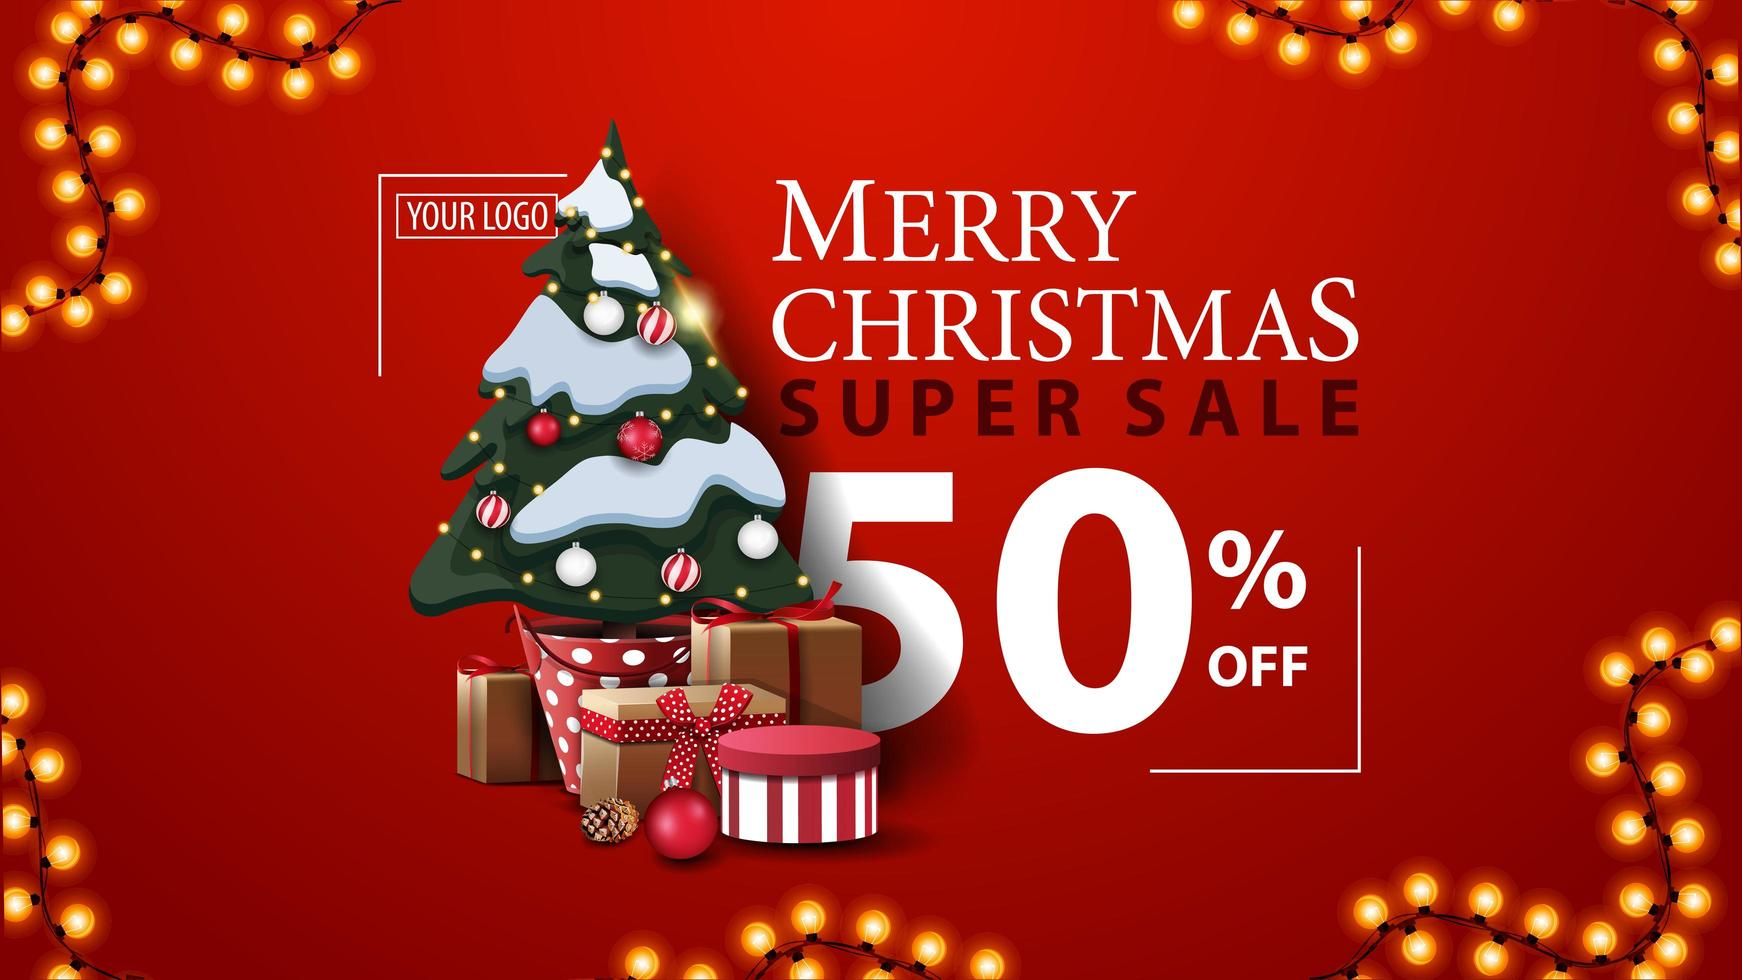 Weihnachts-Superverkauf, bis zu 50 Rabatt, rotes modernes Rabattbanner mit schöner Typografie, Girlande und Weihnachtsbaum in einem Topf mit Geschenken vektor